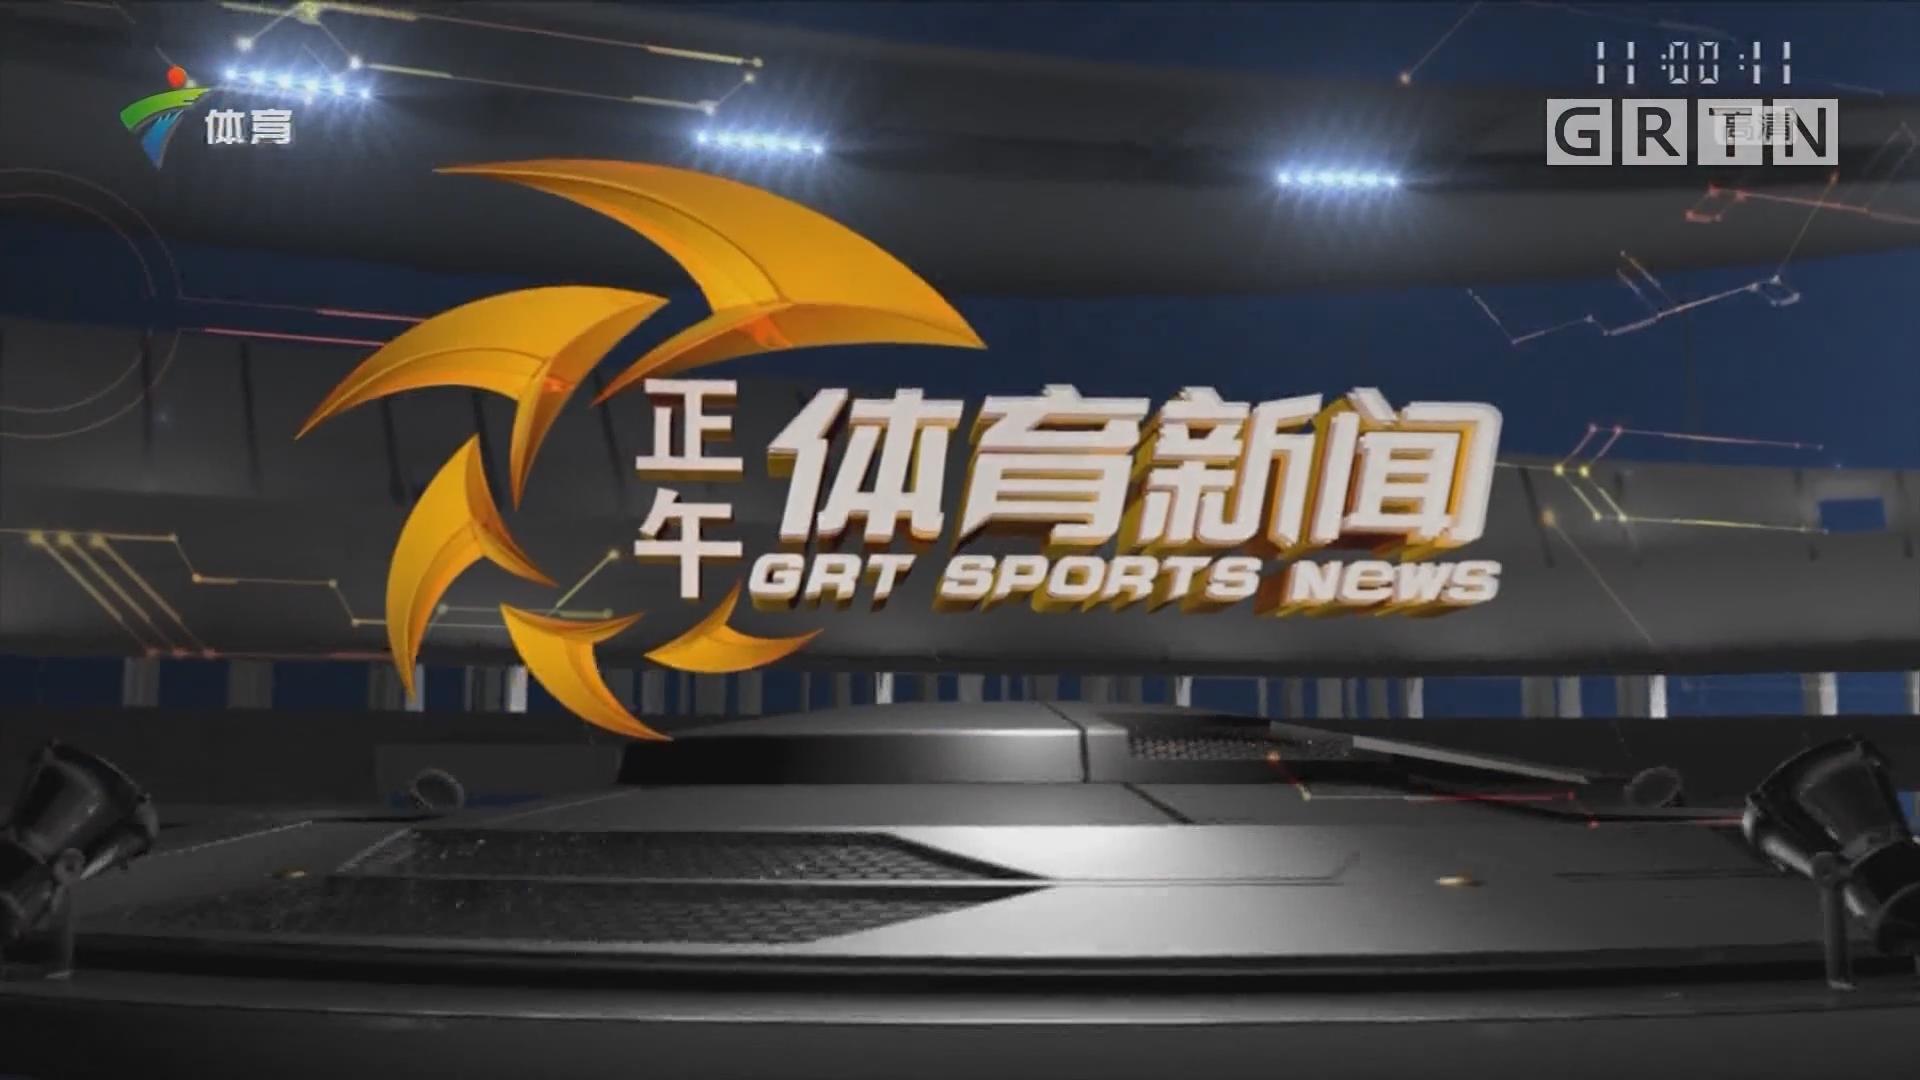 [HD][2019-02-27]正午体育新闻:广州恒大新赛季:不可忽视的新力量